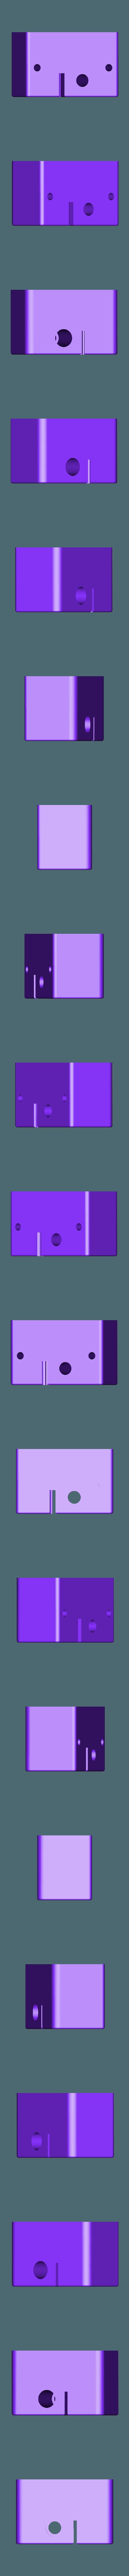 Belt_holder_B.STL Télécharger fichier STL gratuit Nouvelle motion linéaire pour Prusa i4 • Objet imprimable en 3D, perinski